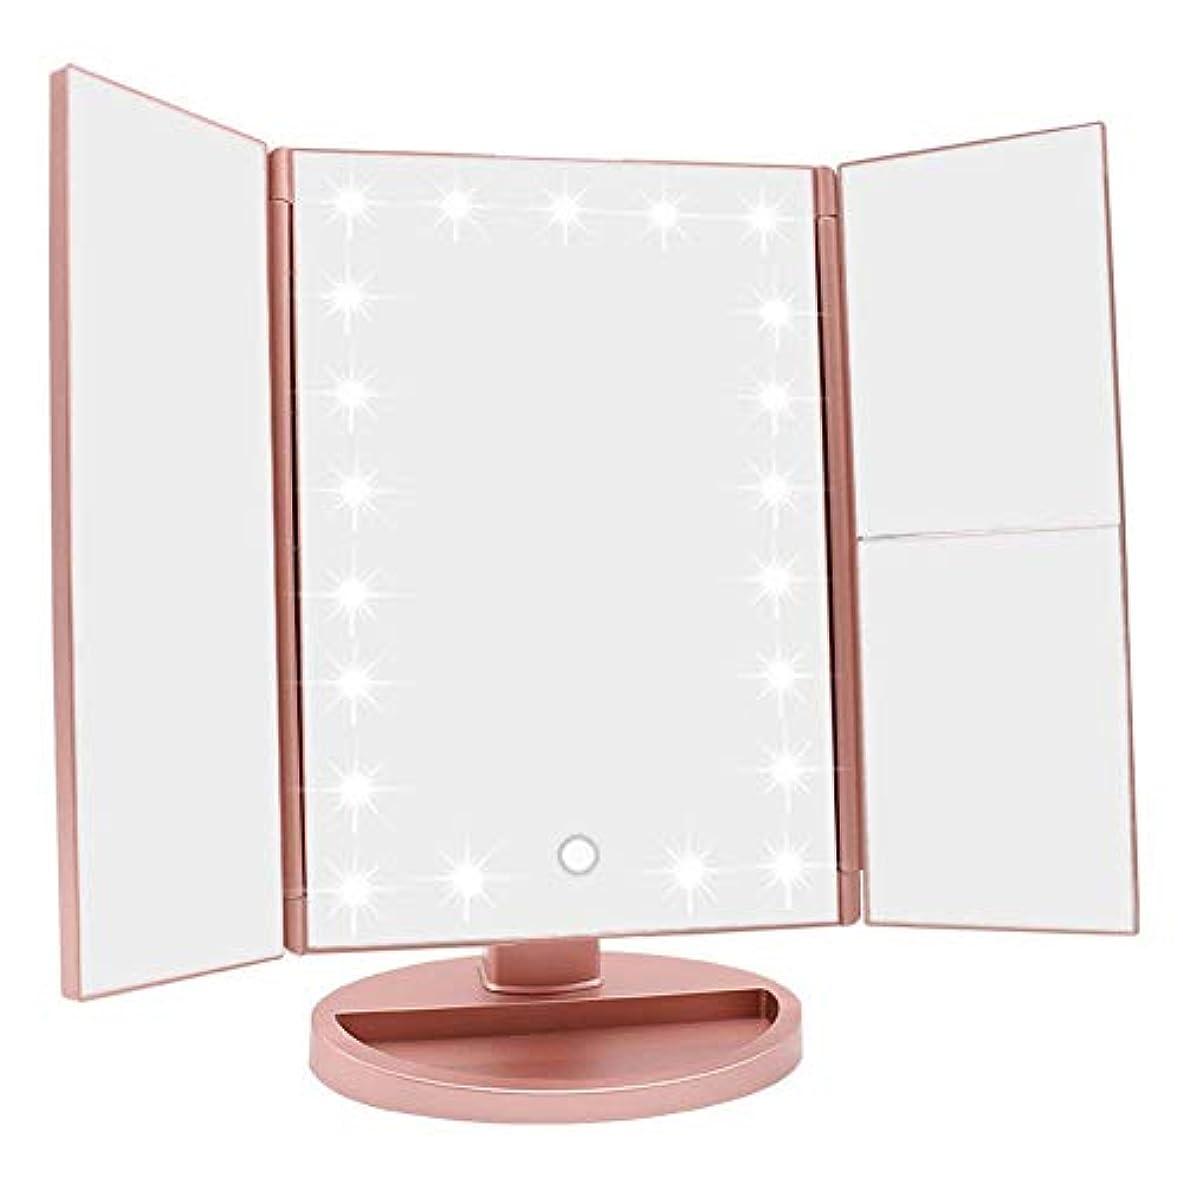 曲トロリーバス呪いWEILY LED化粧鏡 卓上鏡 三面鏡 折りたたみ式 2倍&3倍拡大 女優ミラー 180度回転 ライト鏡 明るさ•角度自由調整 収納便利 USB/電池交換可能 (ローズゴールド)